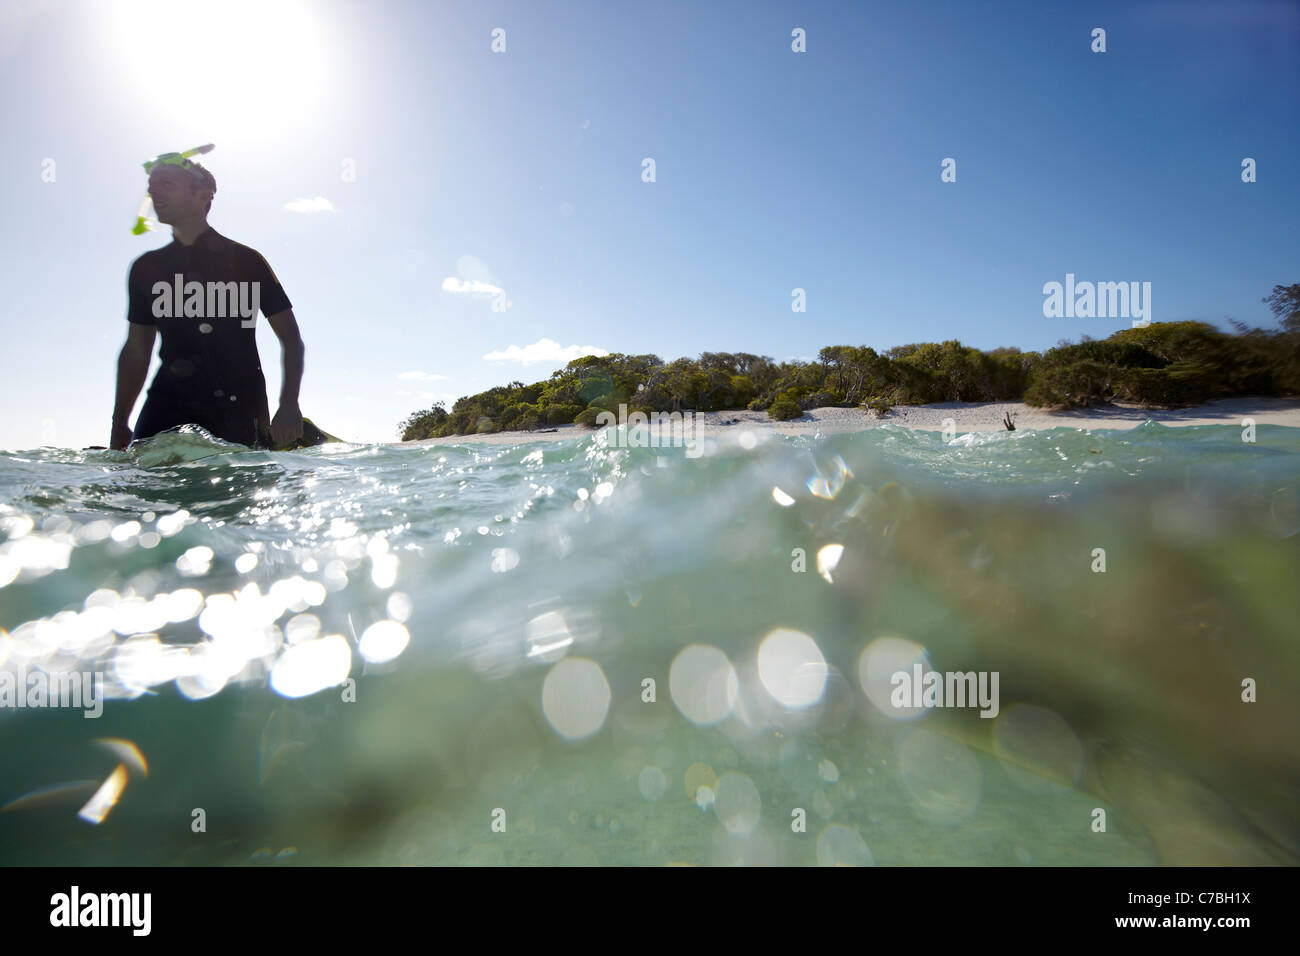 Snorkeler vicino l'Isola Heron parte orientale è parte della Capricornia Cays Parco Nazionale di Great Barrier Reef Foto Stock